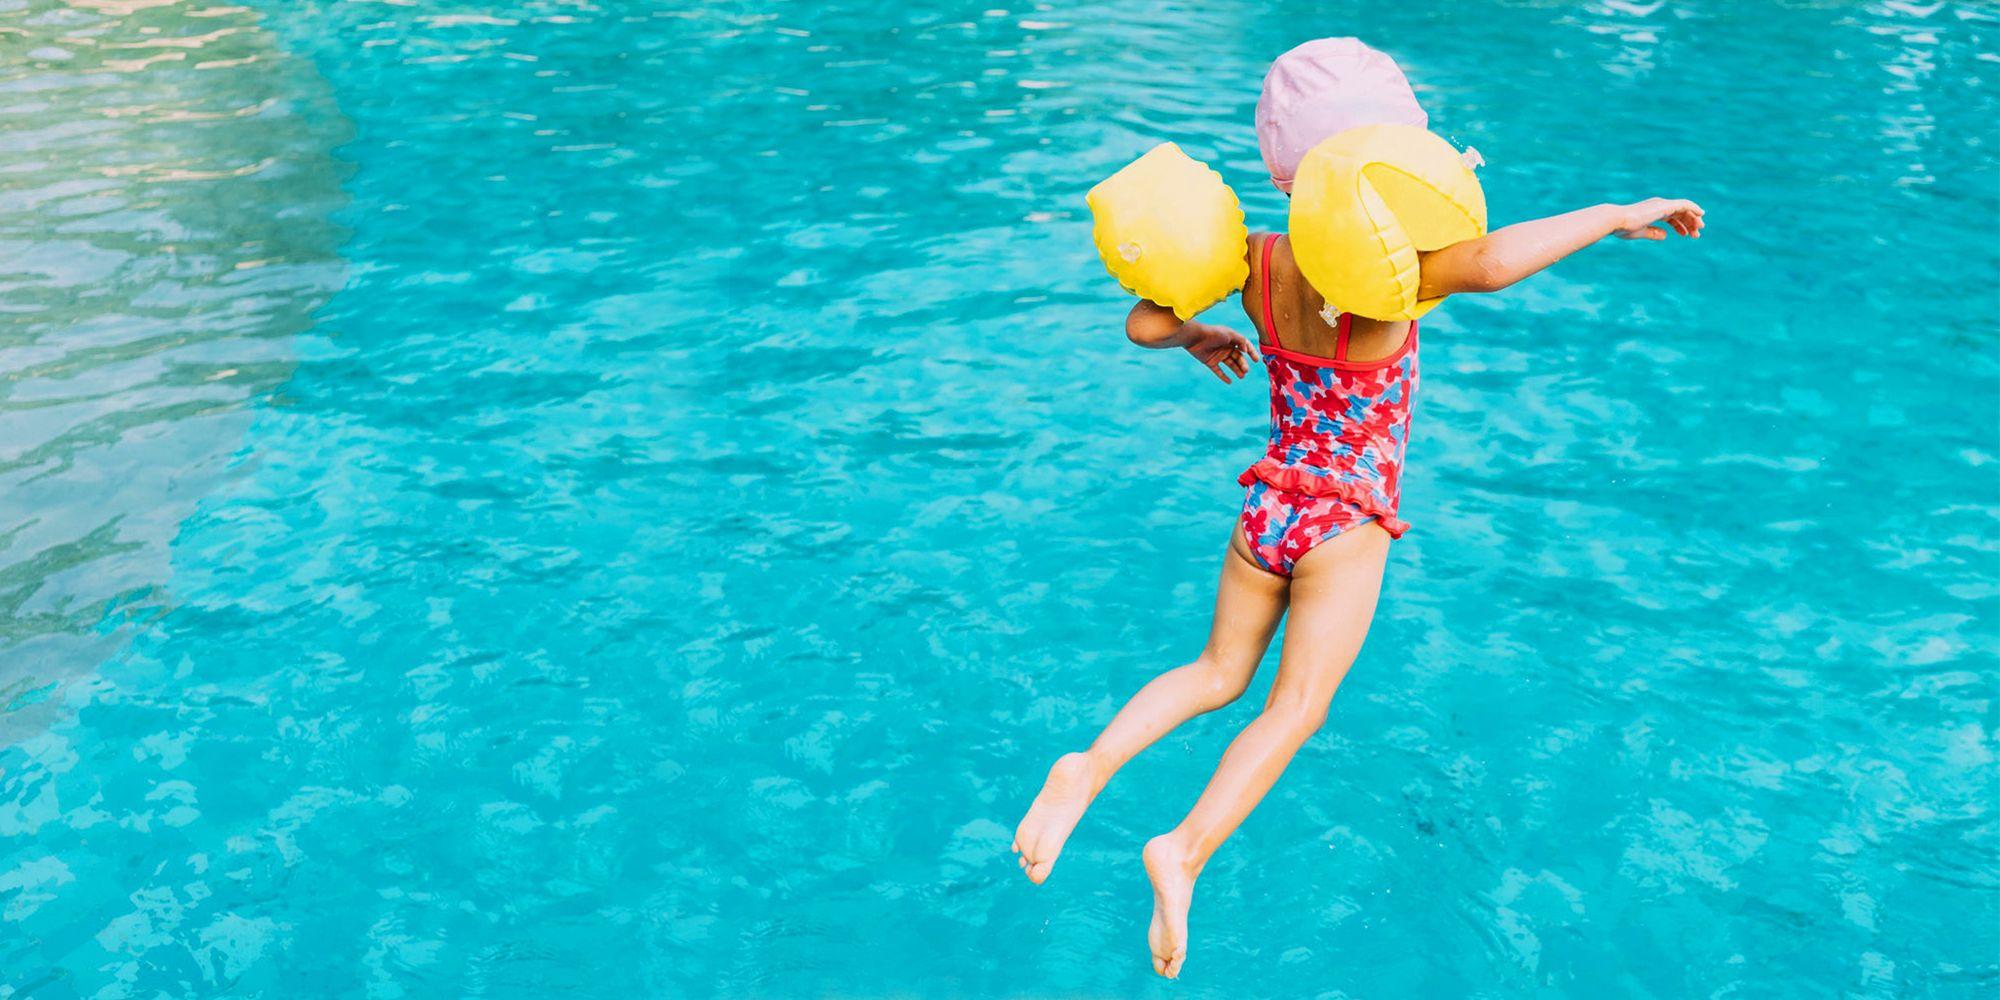 12 Best Kids Sunscreens for 2019 - Kids Sunscreen Reviews